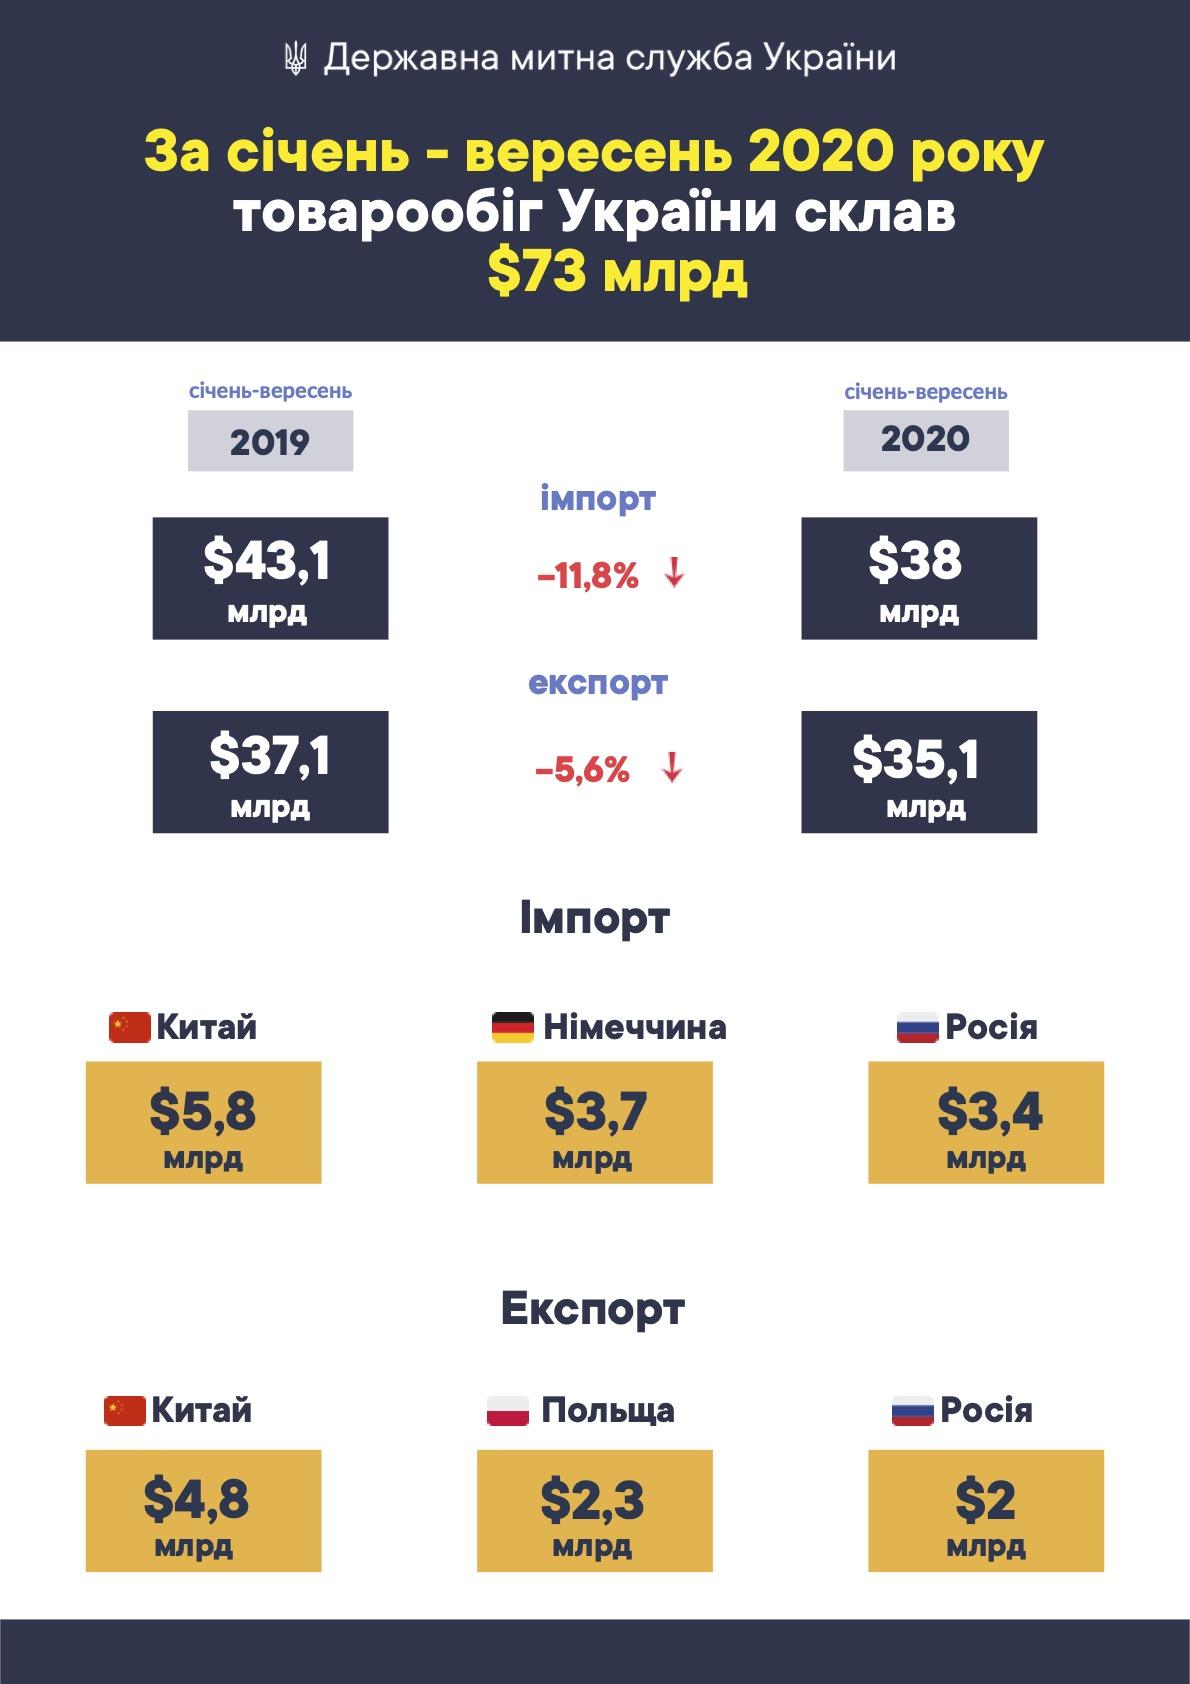 За 9 місяців 2020р. товарообіг України склав більше $73 млрд